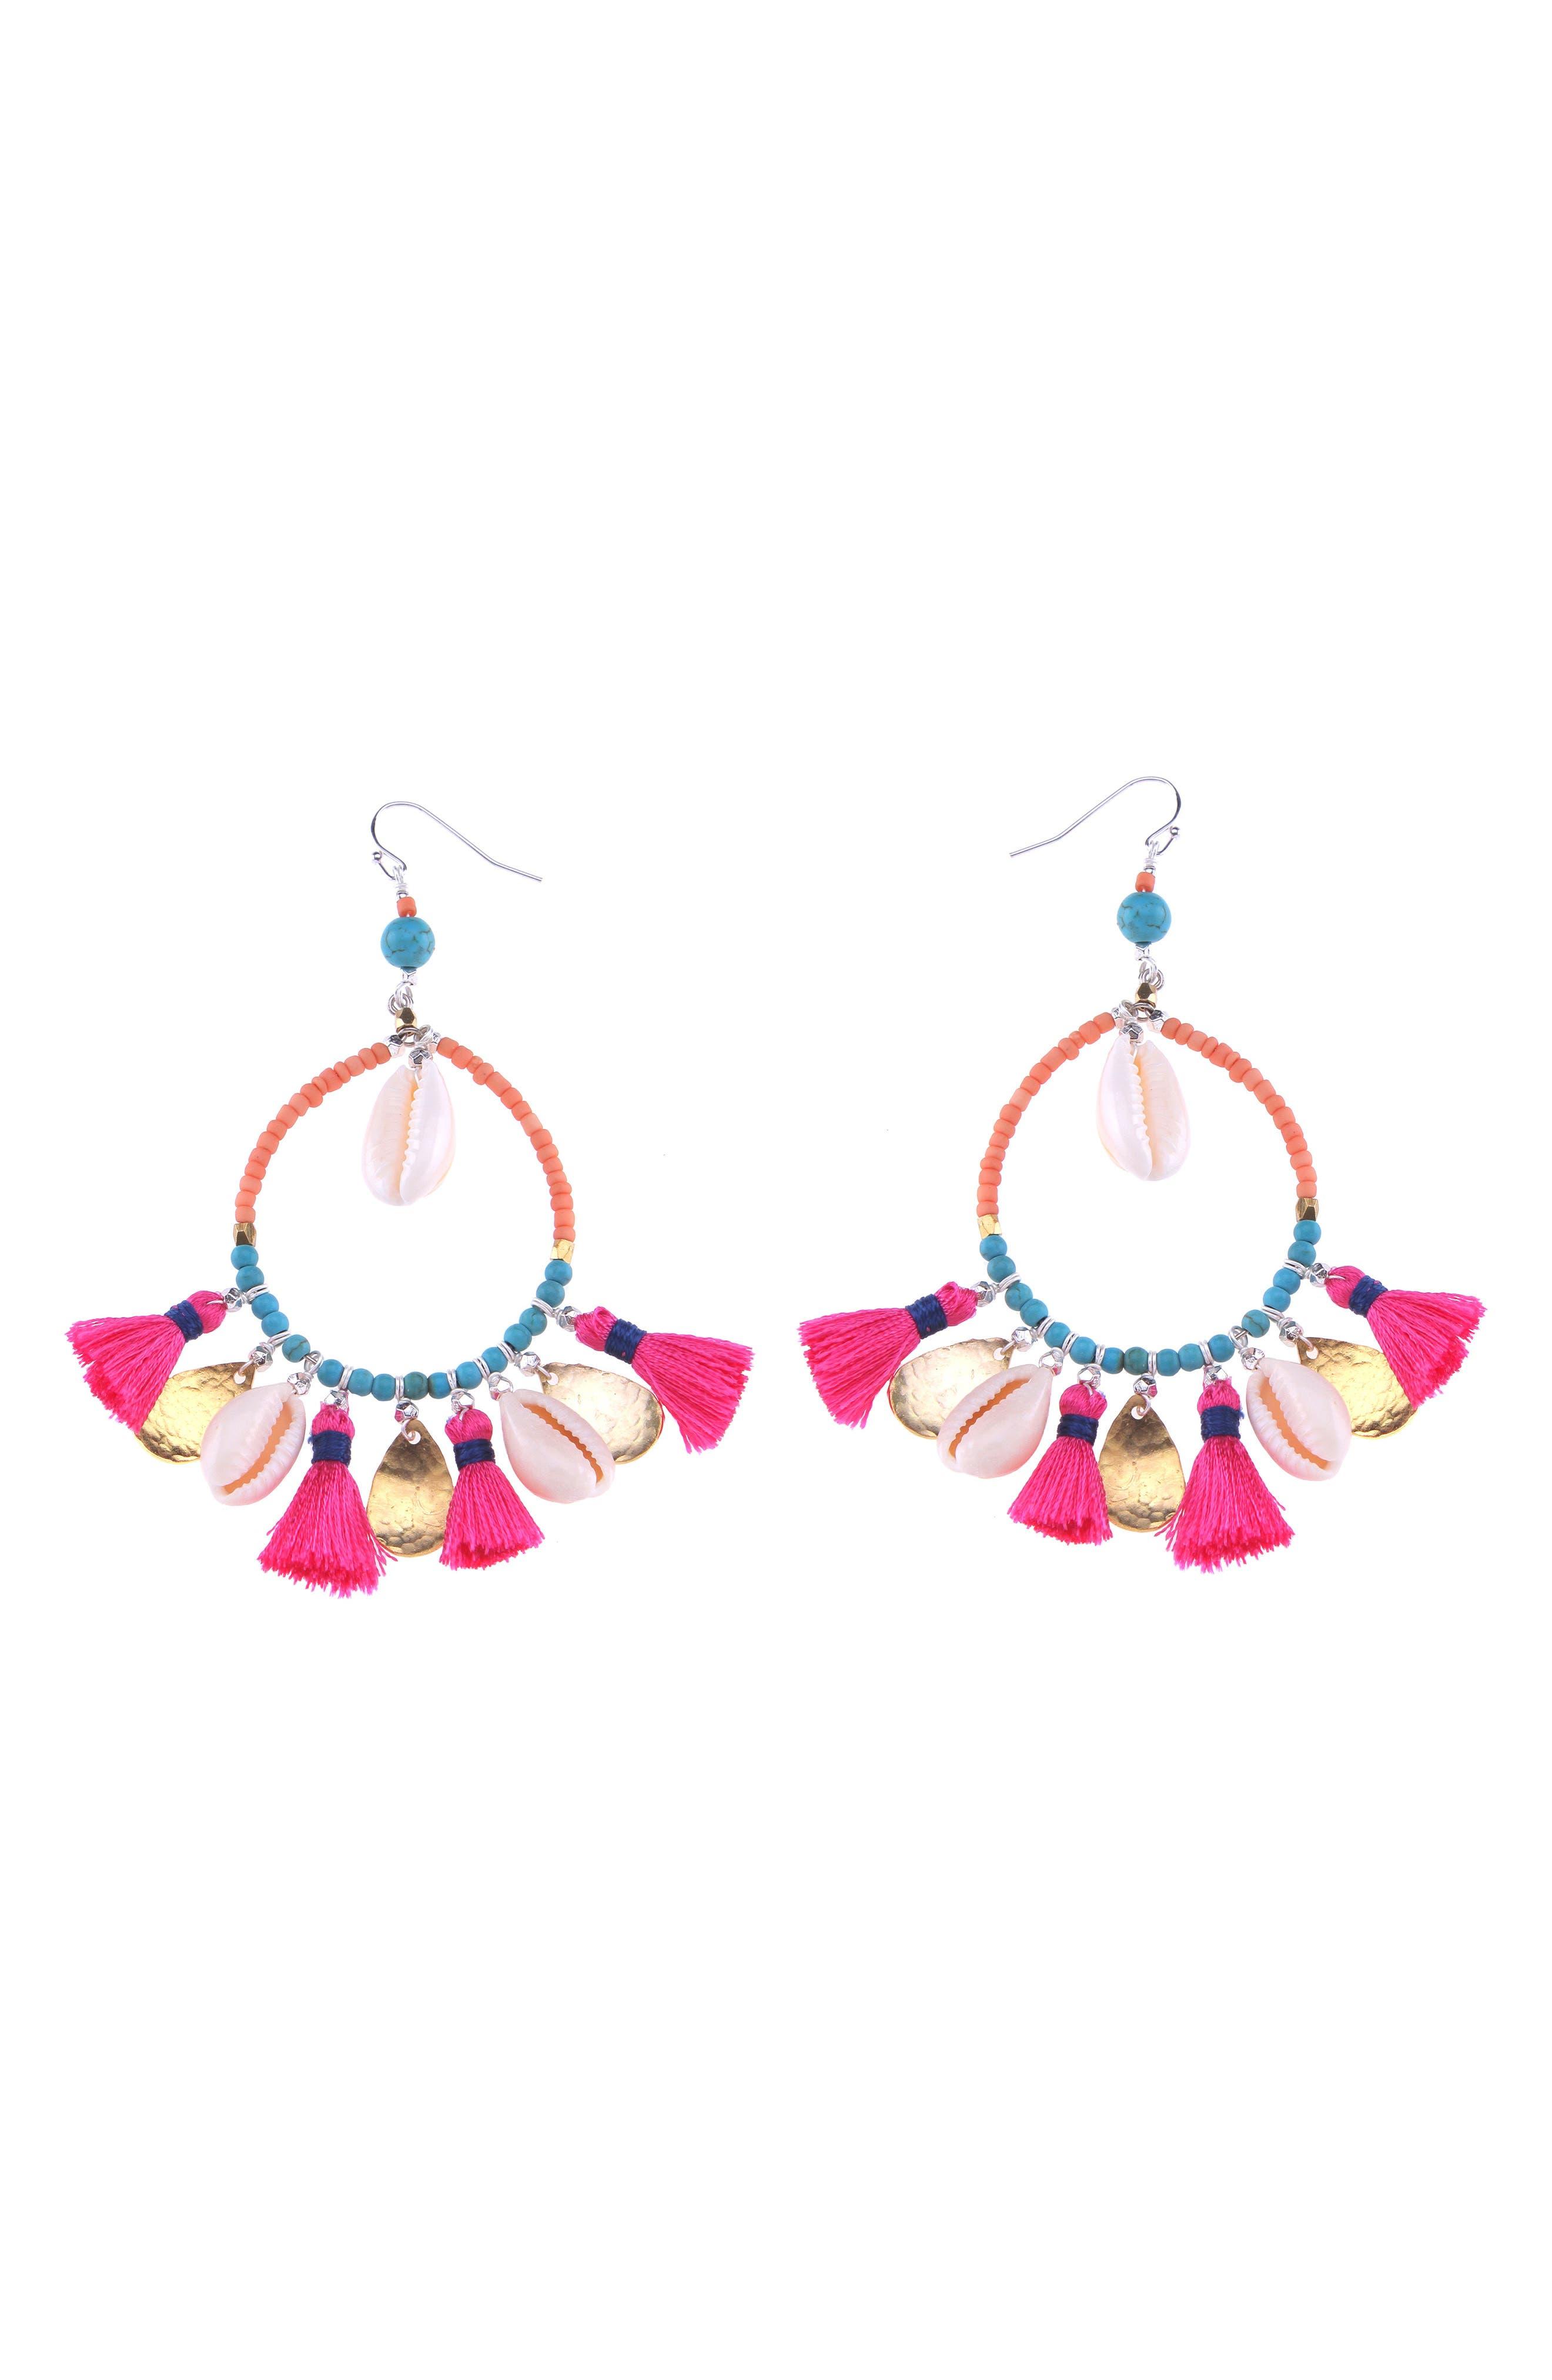 Shell & Tassel Hoop Earrings,                         Main,                         color, Pink Multi